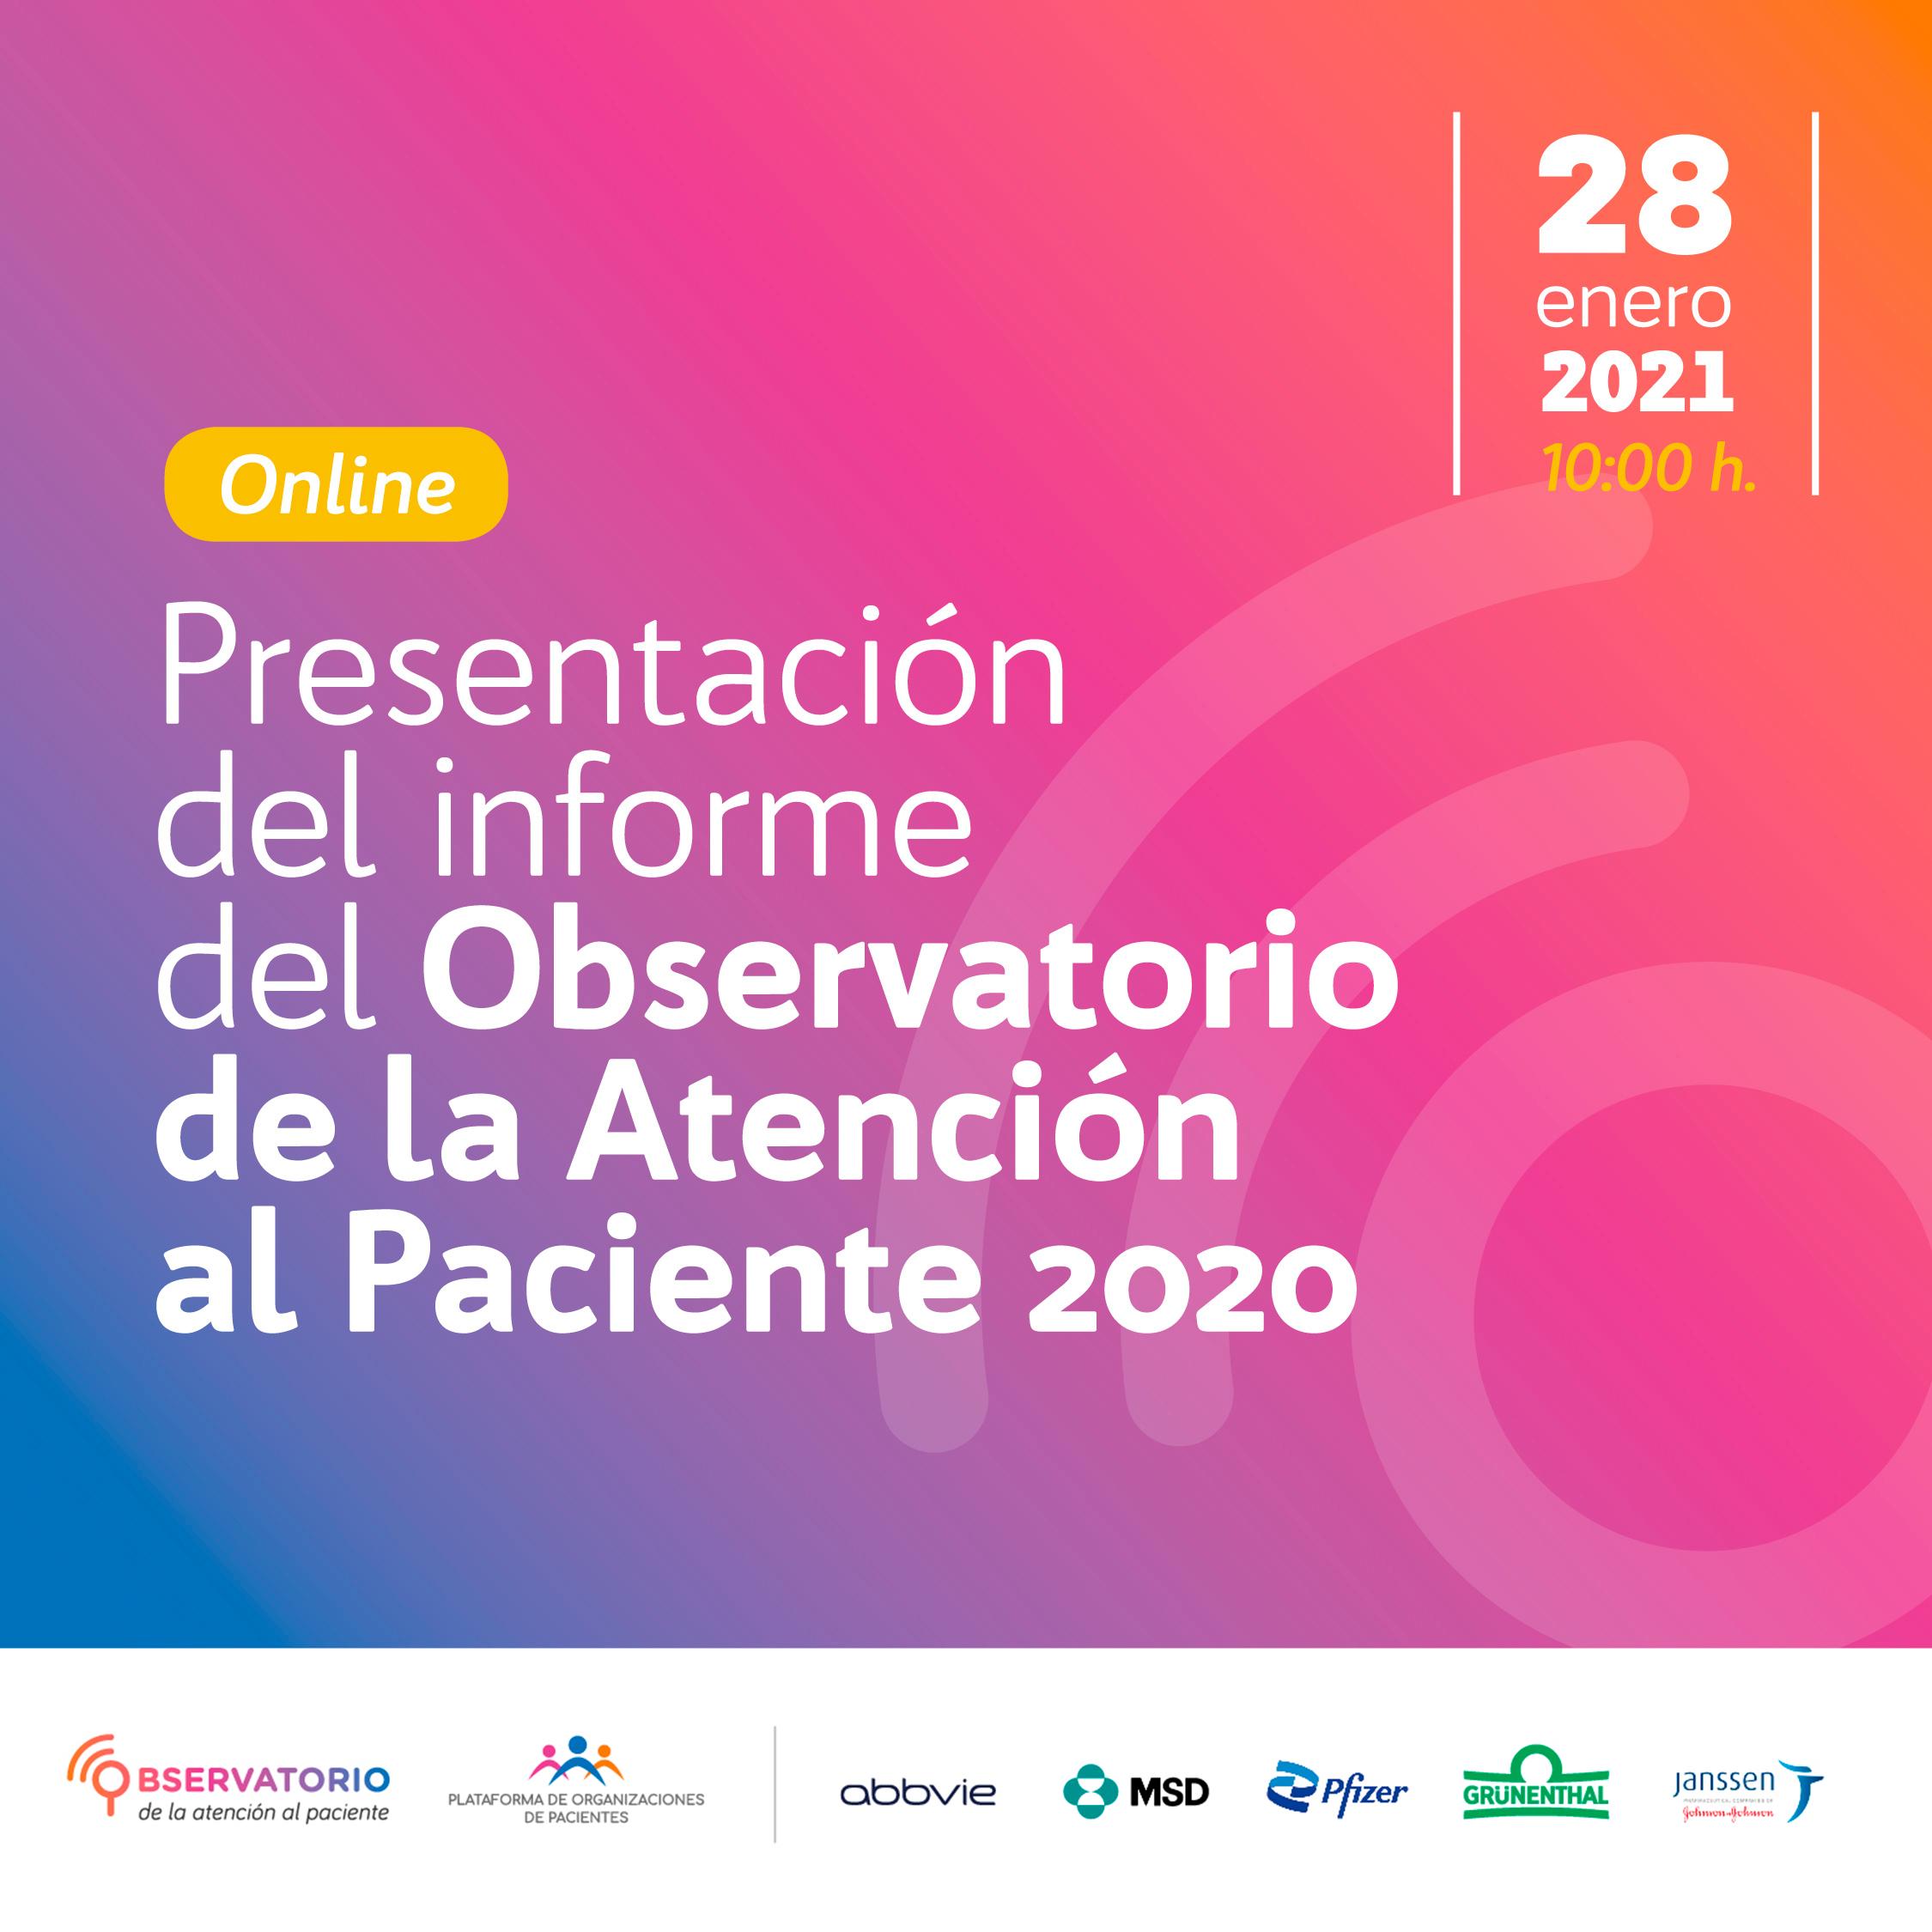 presentación del informe del observatorio de la atención al paciente 2020